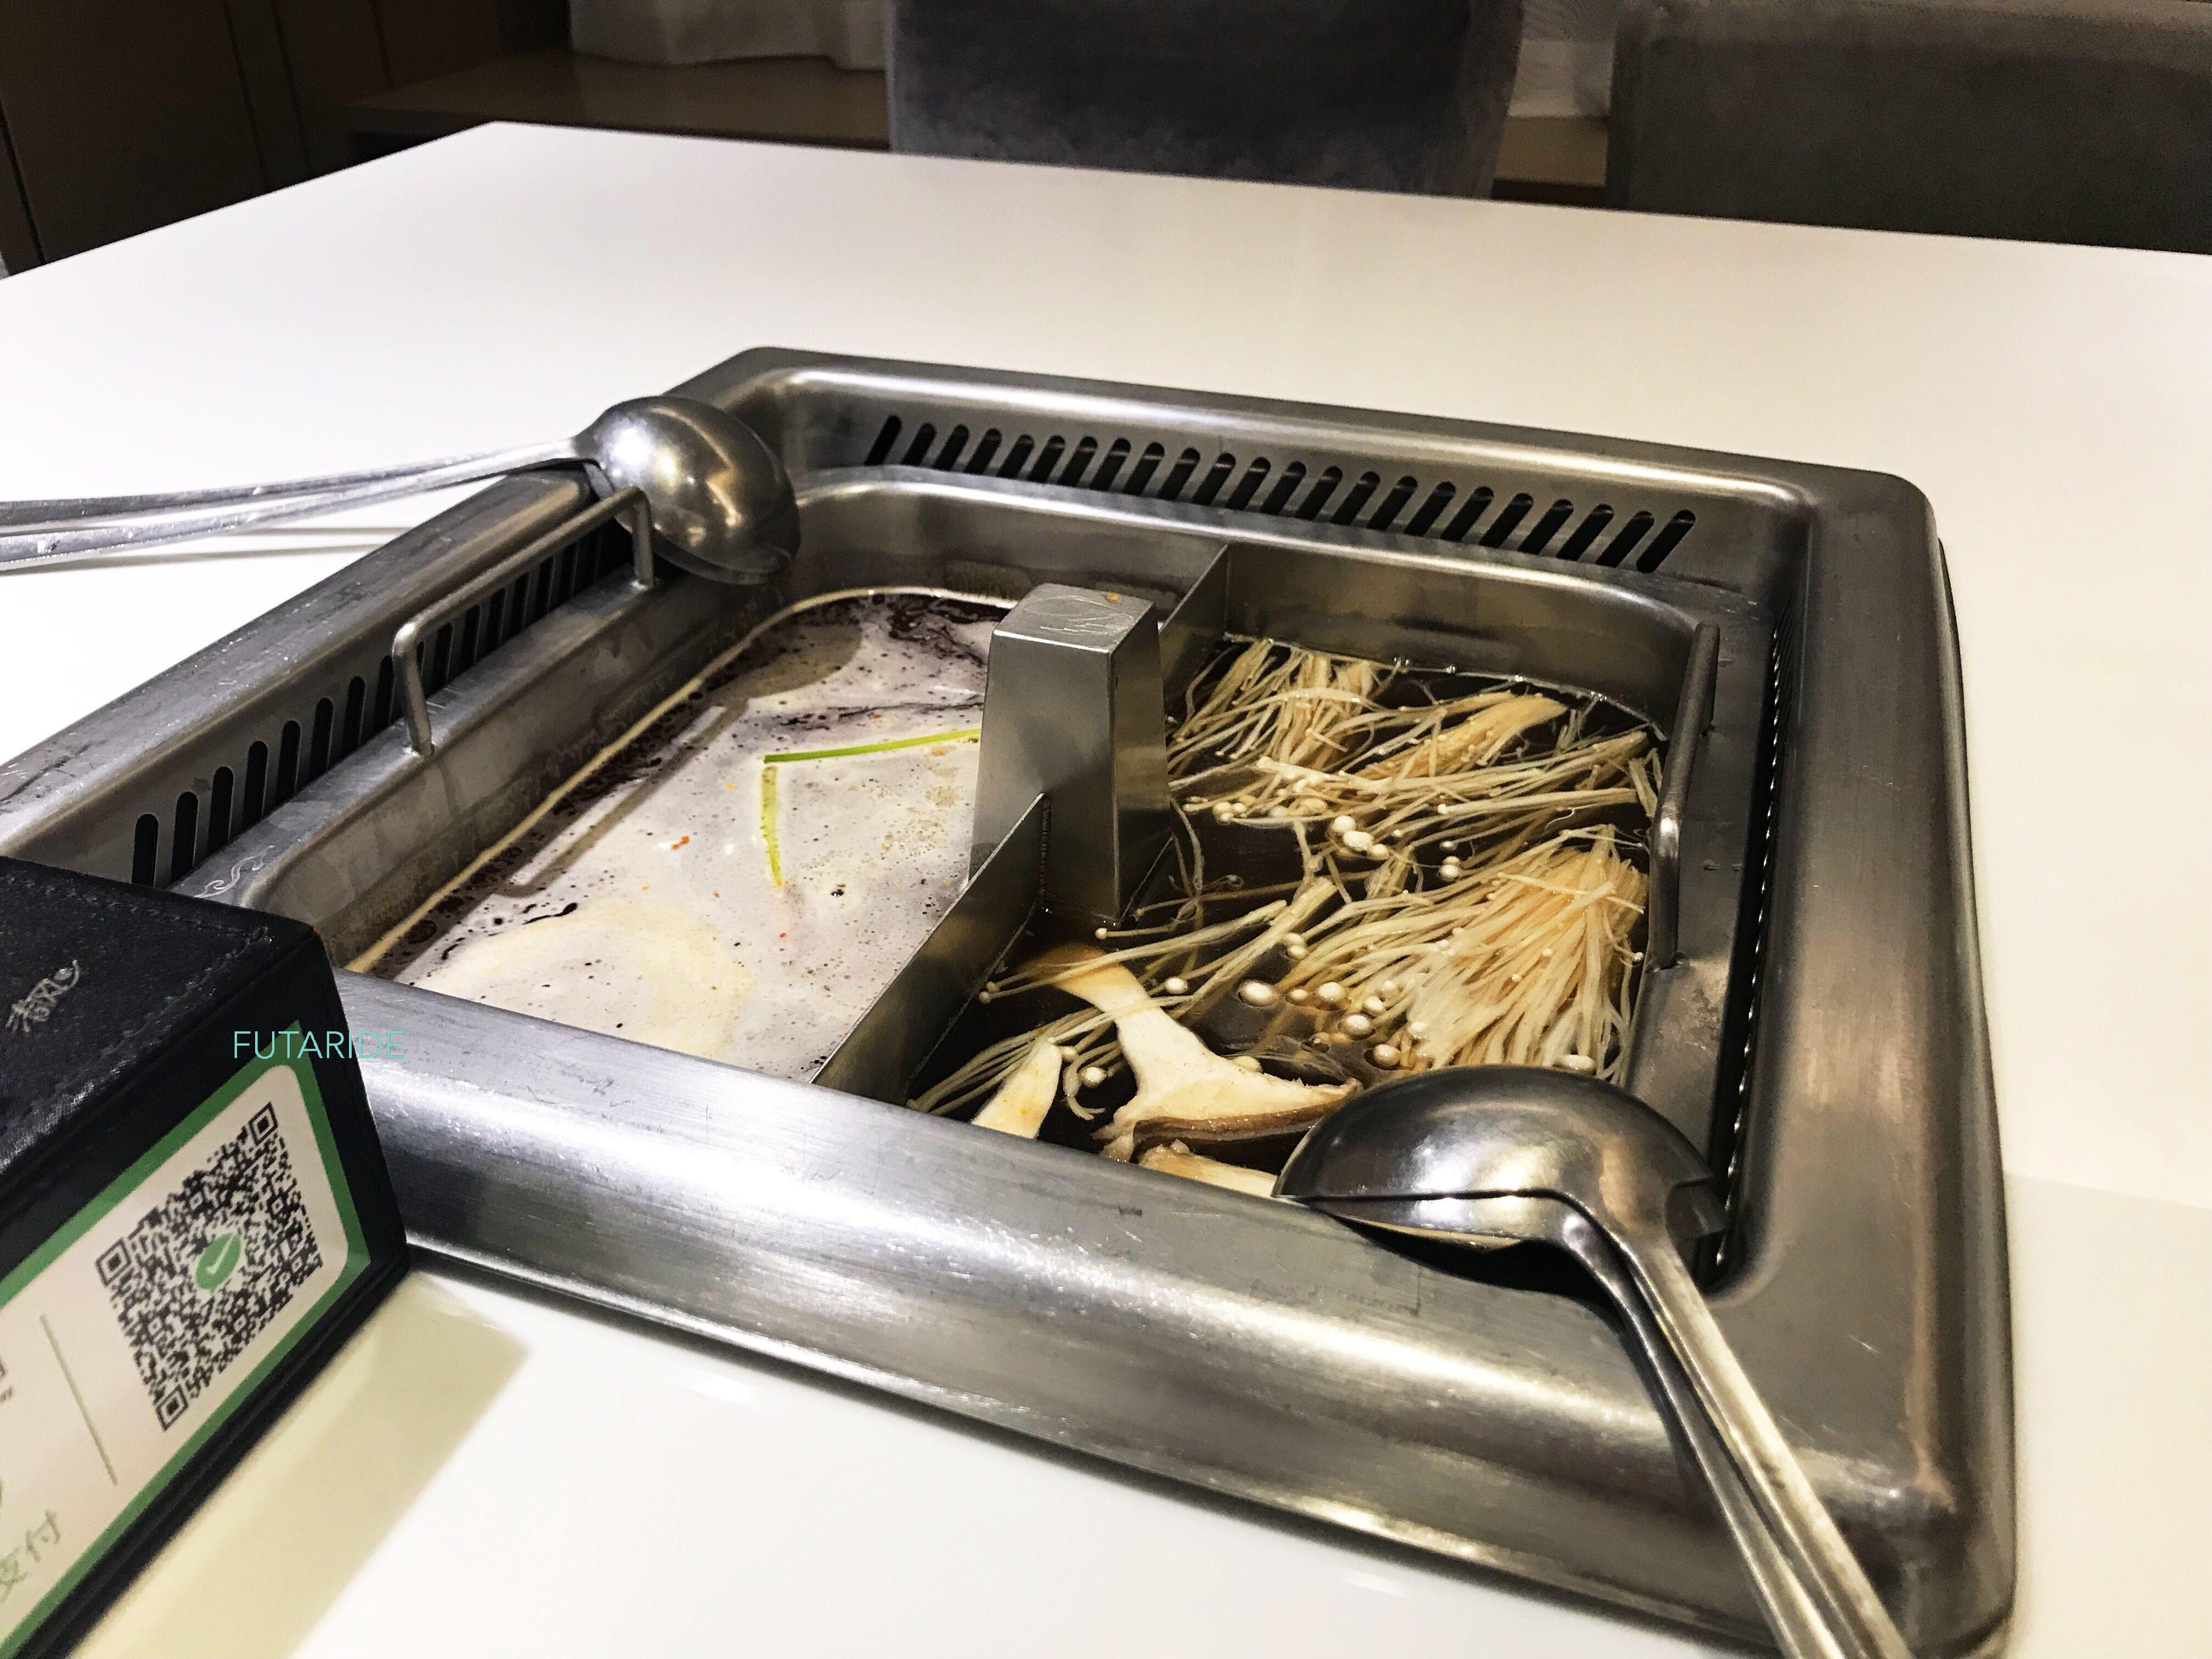 【本場の味が楽しめる!】海底撈火鍋 (ハイディーラオ)池袋店【まるで中国?】